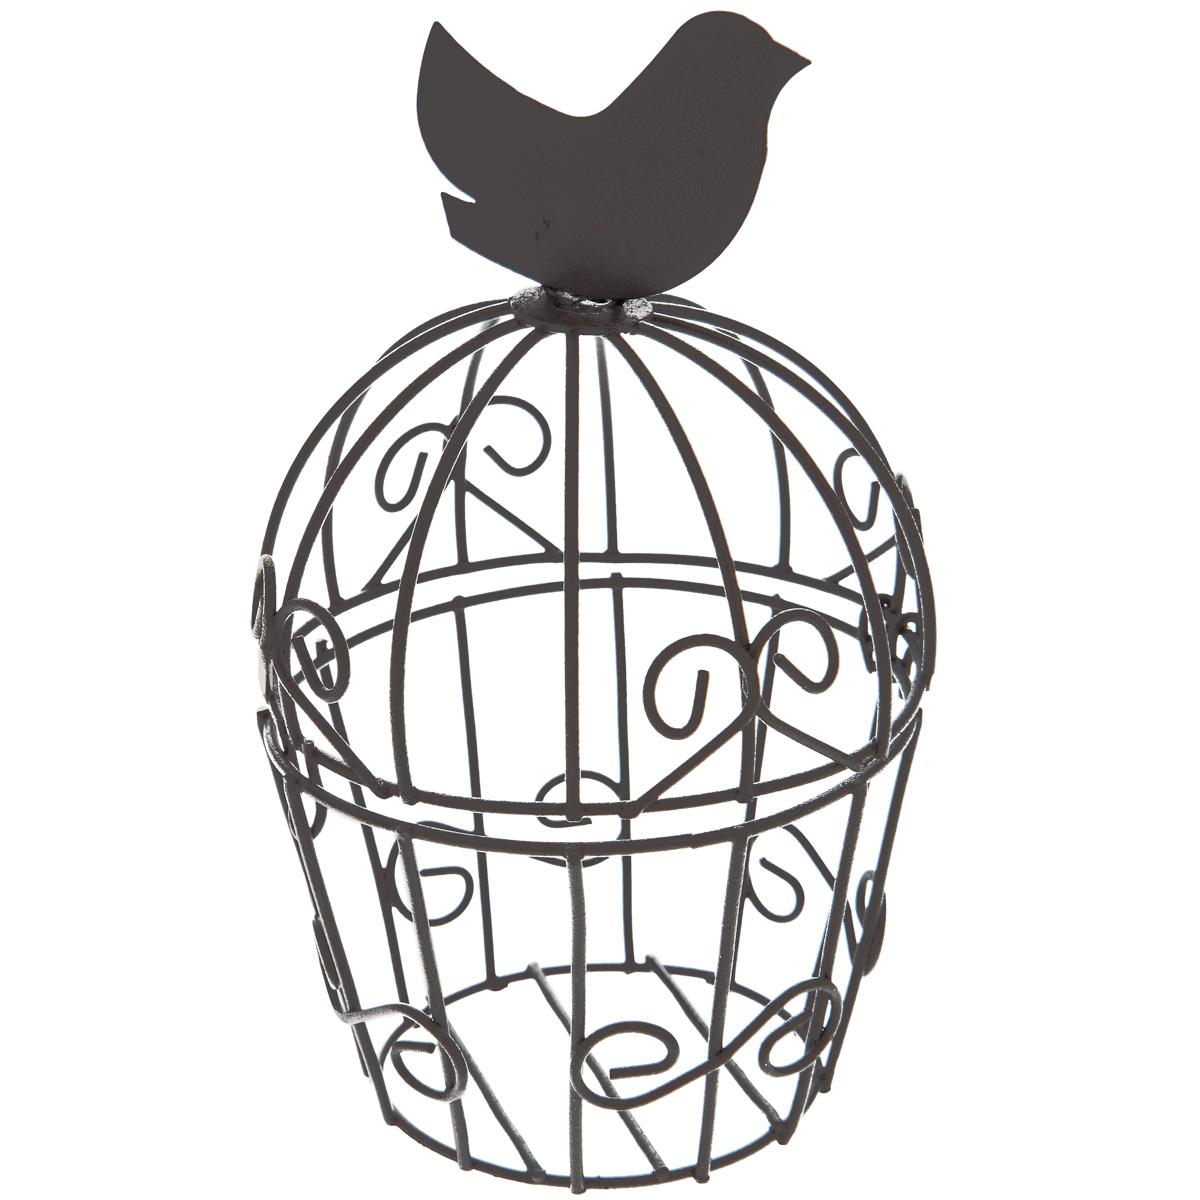 Клетка декоративная ScrapBerrys Птичка, цвет: темно-коричневый, 7 см х 7 см х 12 смSCB271011Декоративная клетка ScrapBerrys Птичка выполнена из высококачественного металла. Изделие украшено изящными коваными узорами. Клетка оснащена крышкой, которая закрывается на специальный замок.Такая клетка подойдет для декора интерьера дома или офиса. Кроме того - это отличный вариант подарка для ваших близких и друзей.